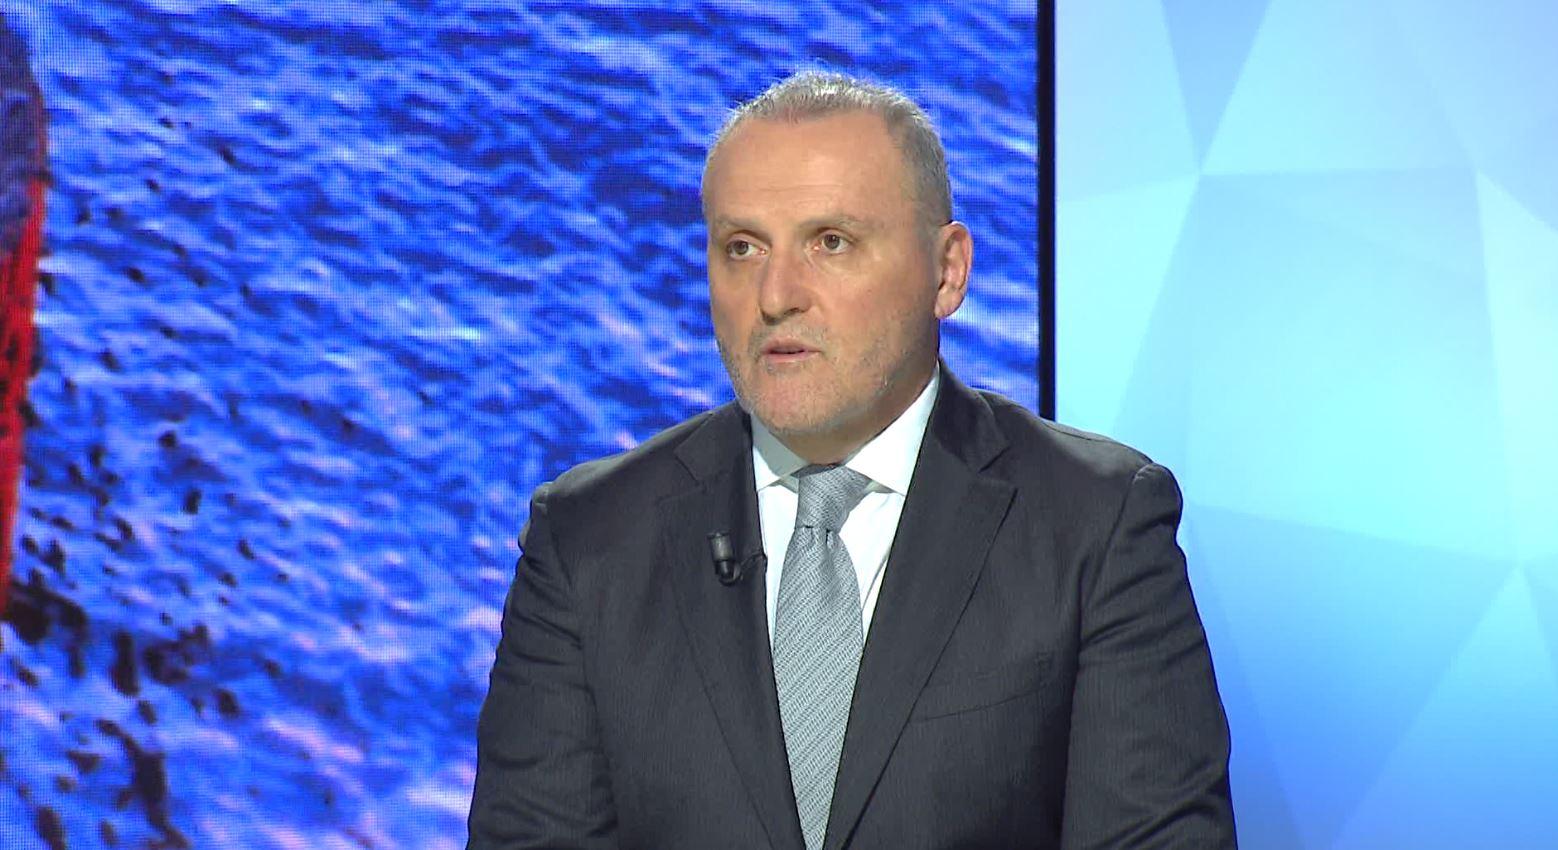 Surroi për akuzat e Ramës  Kosova s u vetëpërjashtua nga minishengeni  s ka qenë pjesë e tij